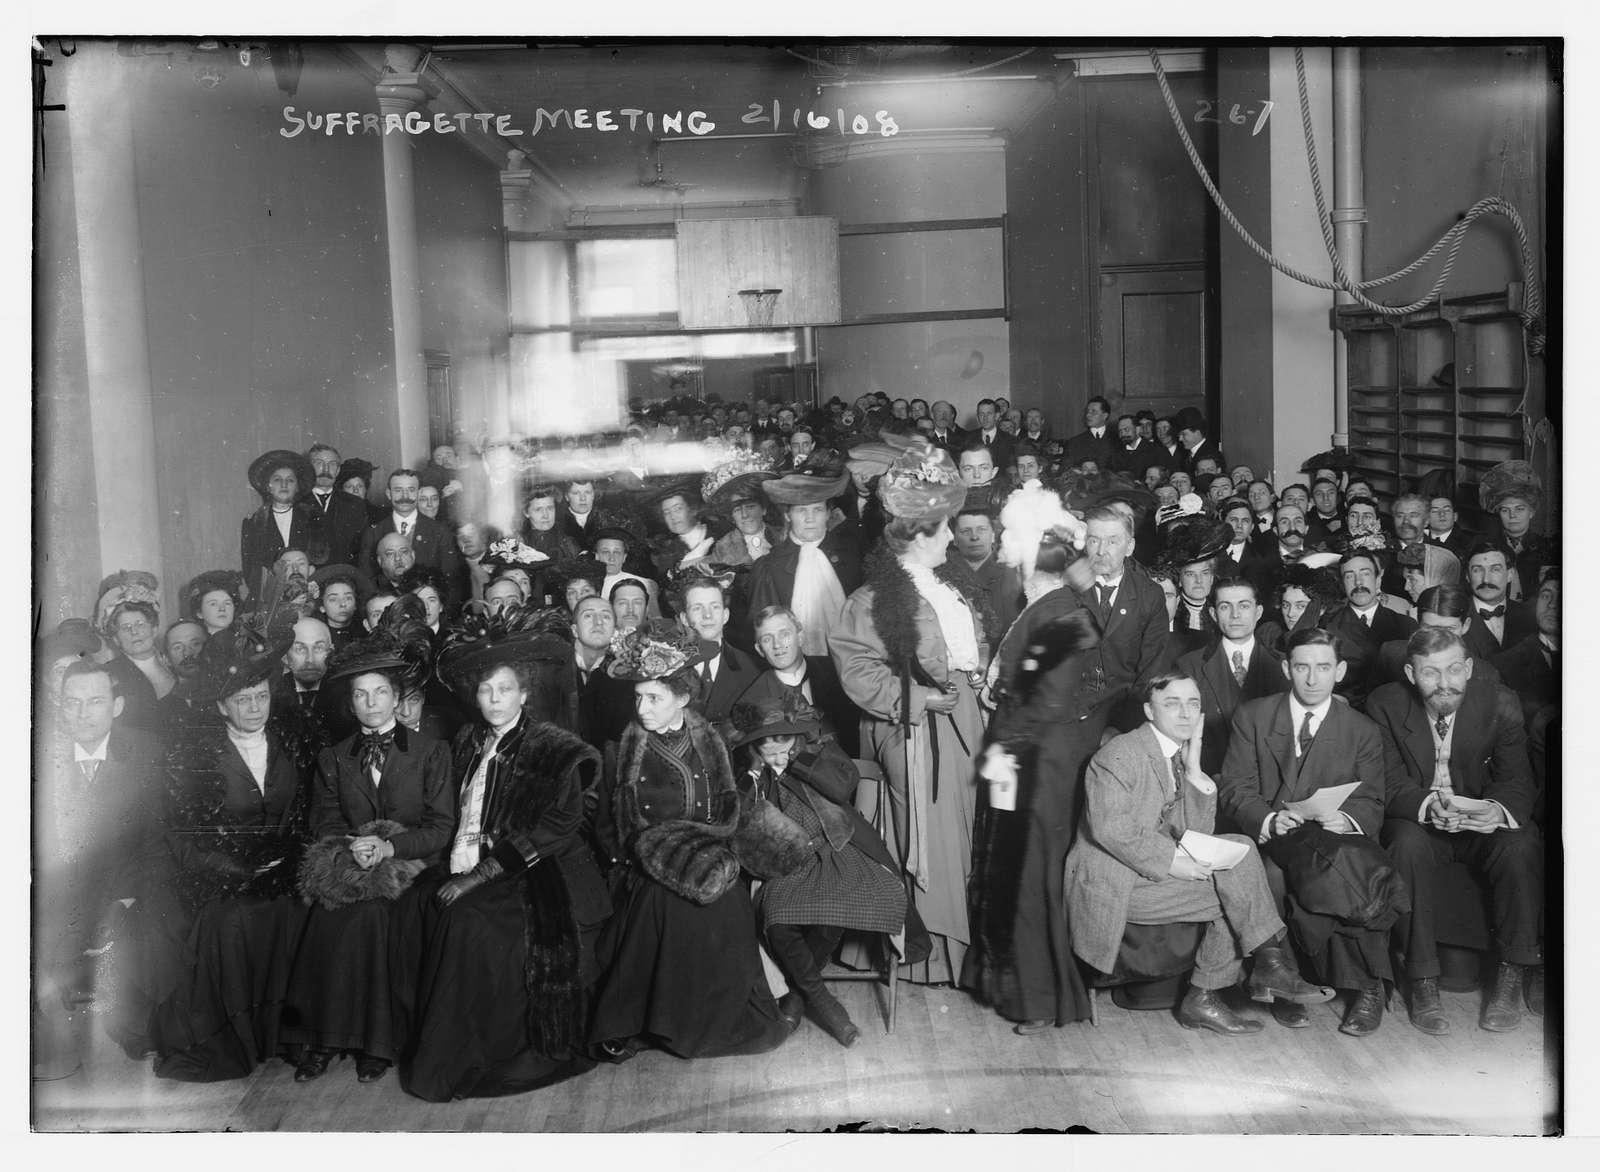 Suffragette meeting in gymnasium, New York